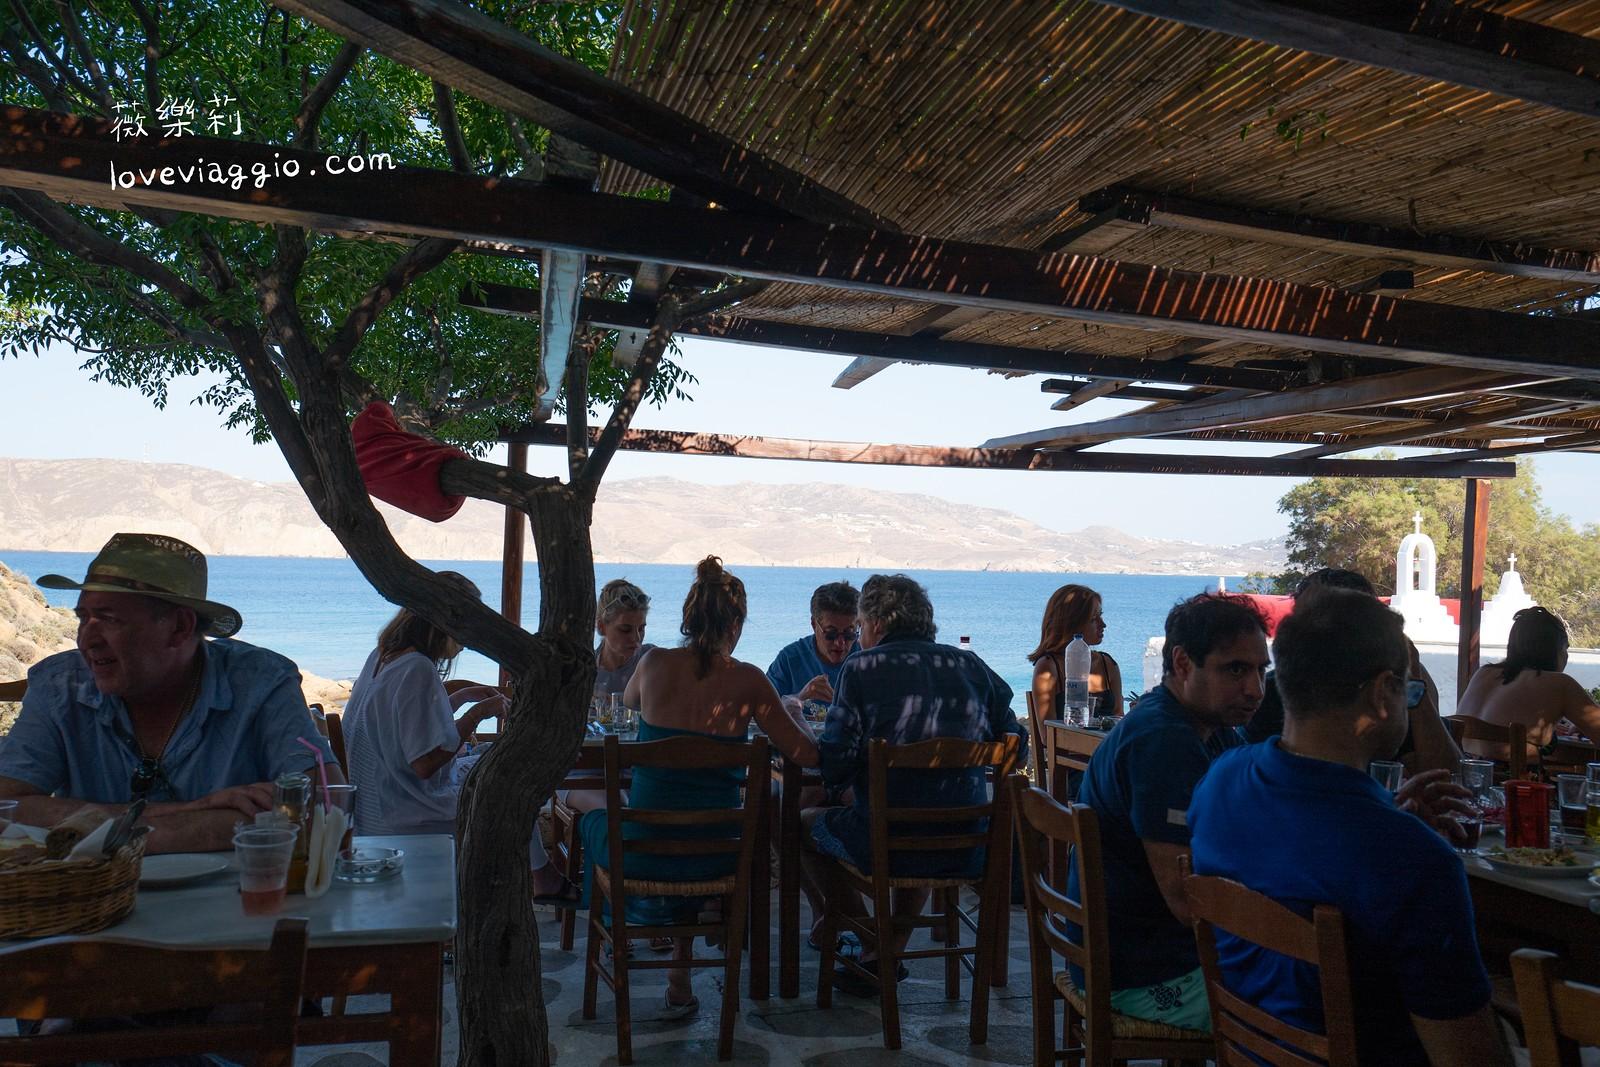 【希臘米克諾斯 Mykonos】KIKI's Tavern 隱藏人氣排隊餐廳 露天海景享用希臘海鮮料理 @薇樂莉 Love Viaggio   旅行.生活.攝影